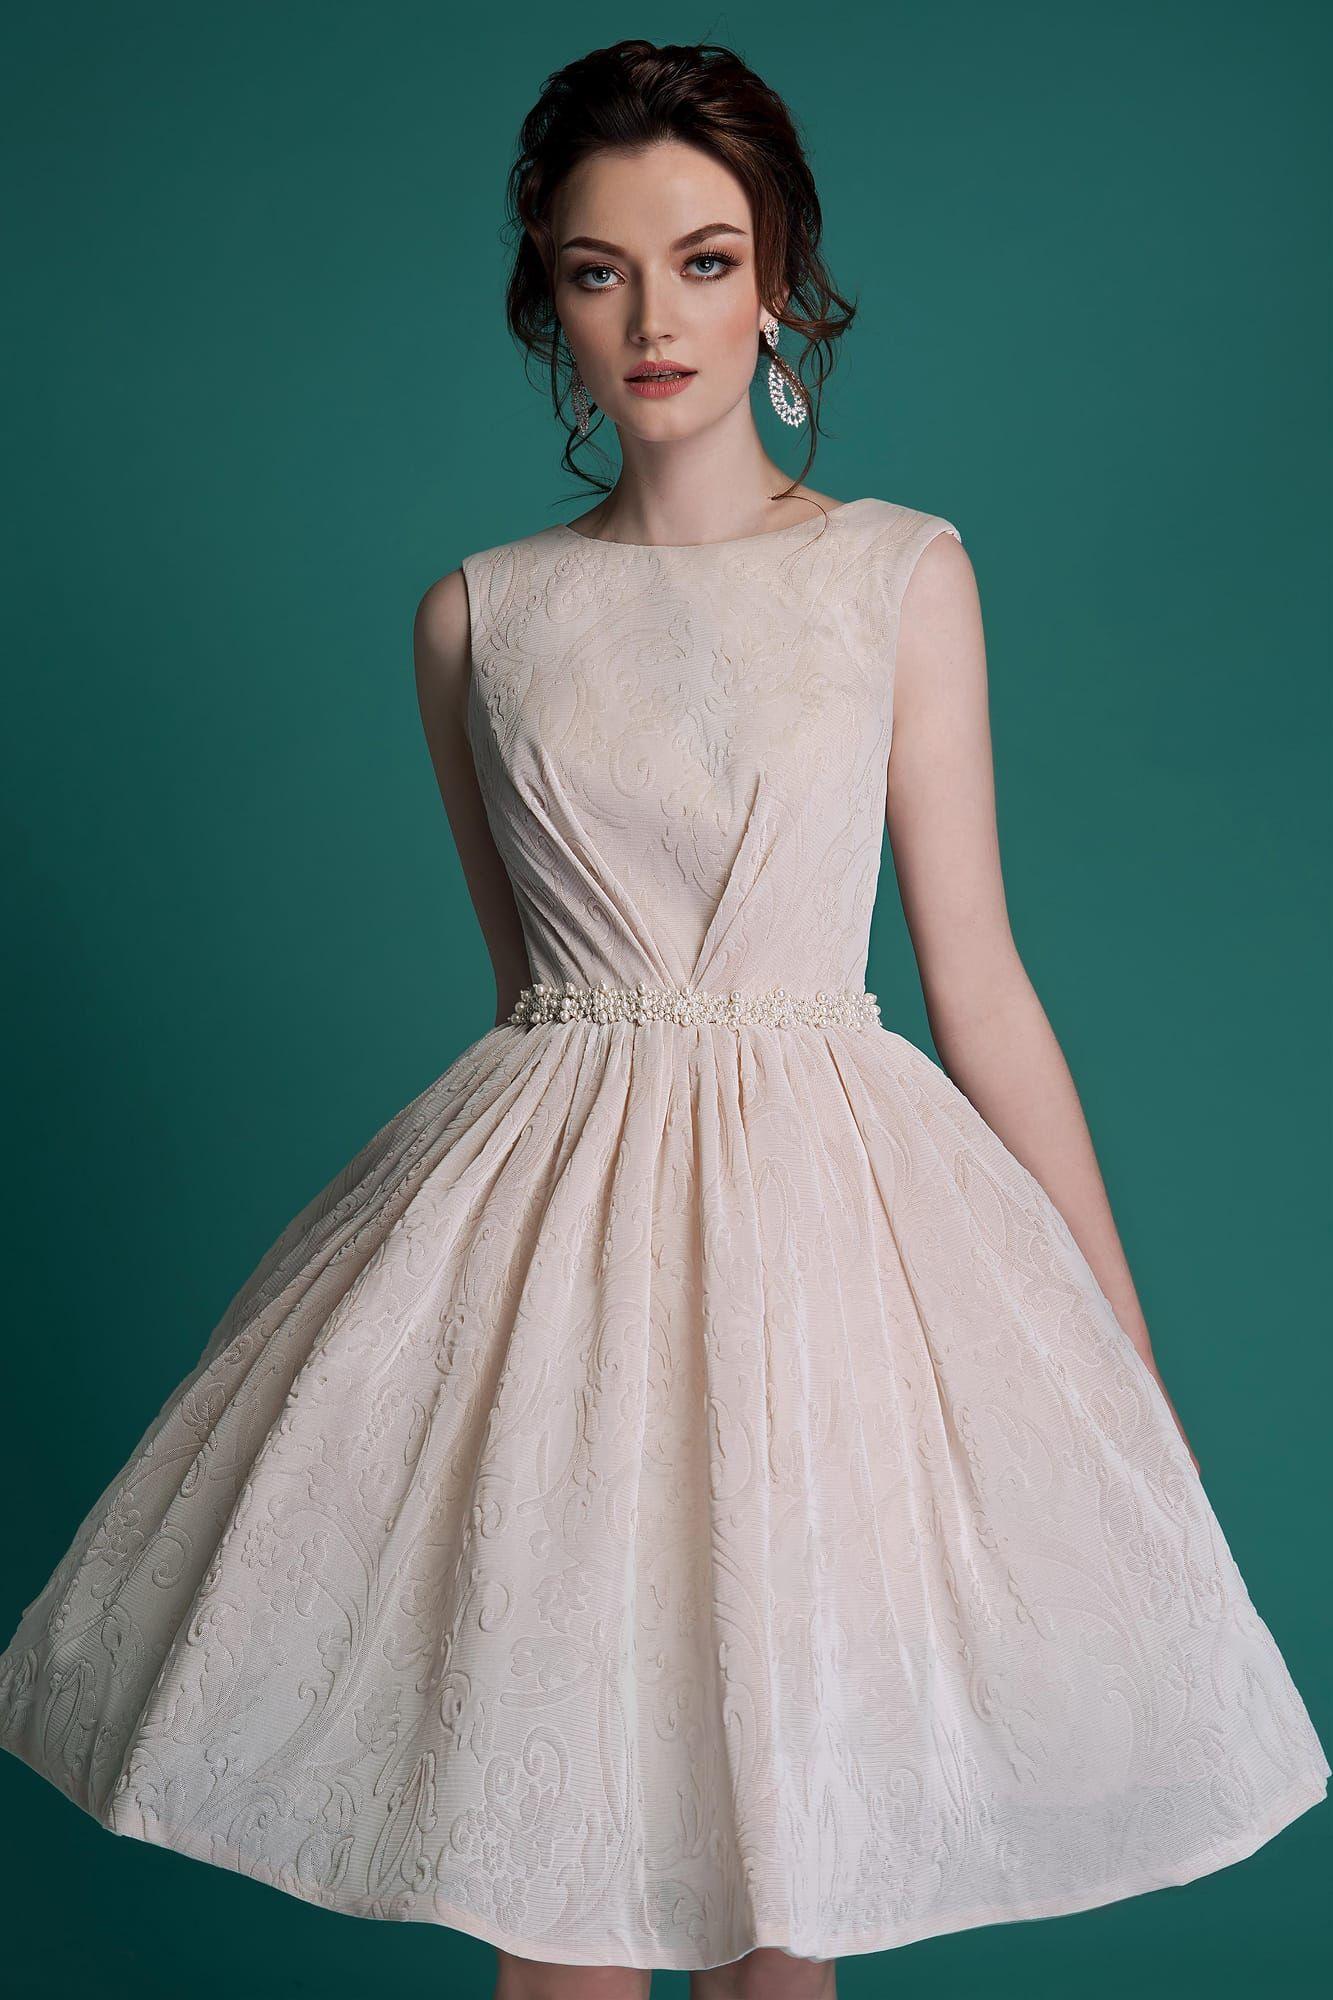 57103c2db9a2ee3 Кремовое свадебное платье пышного кроя с глубоким V-образным декольте на  спинке и юбкой до колена.